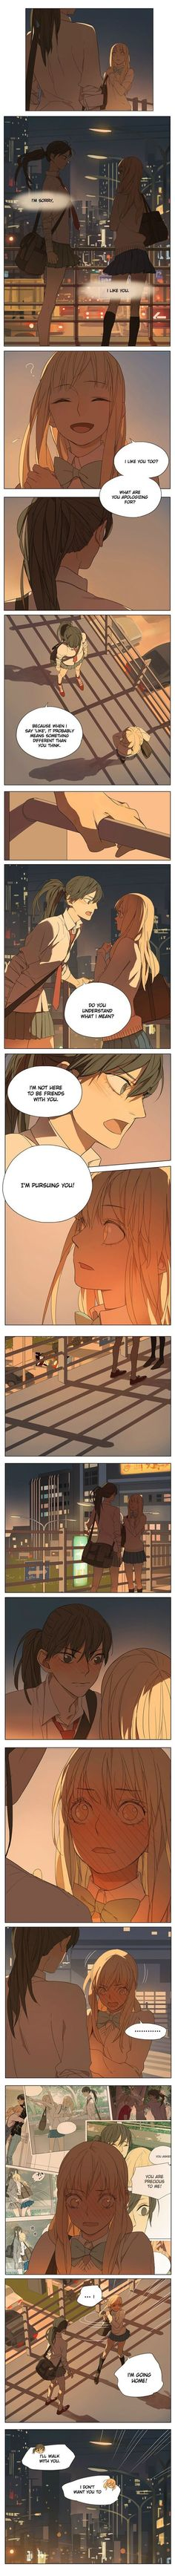 Tamen Di Gushi 82 http://mangafox.me/manga/tamen_de_gushi/c082/1.html